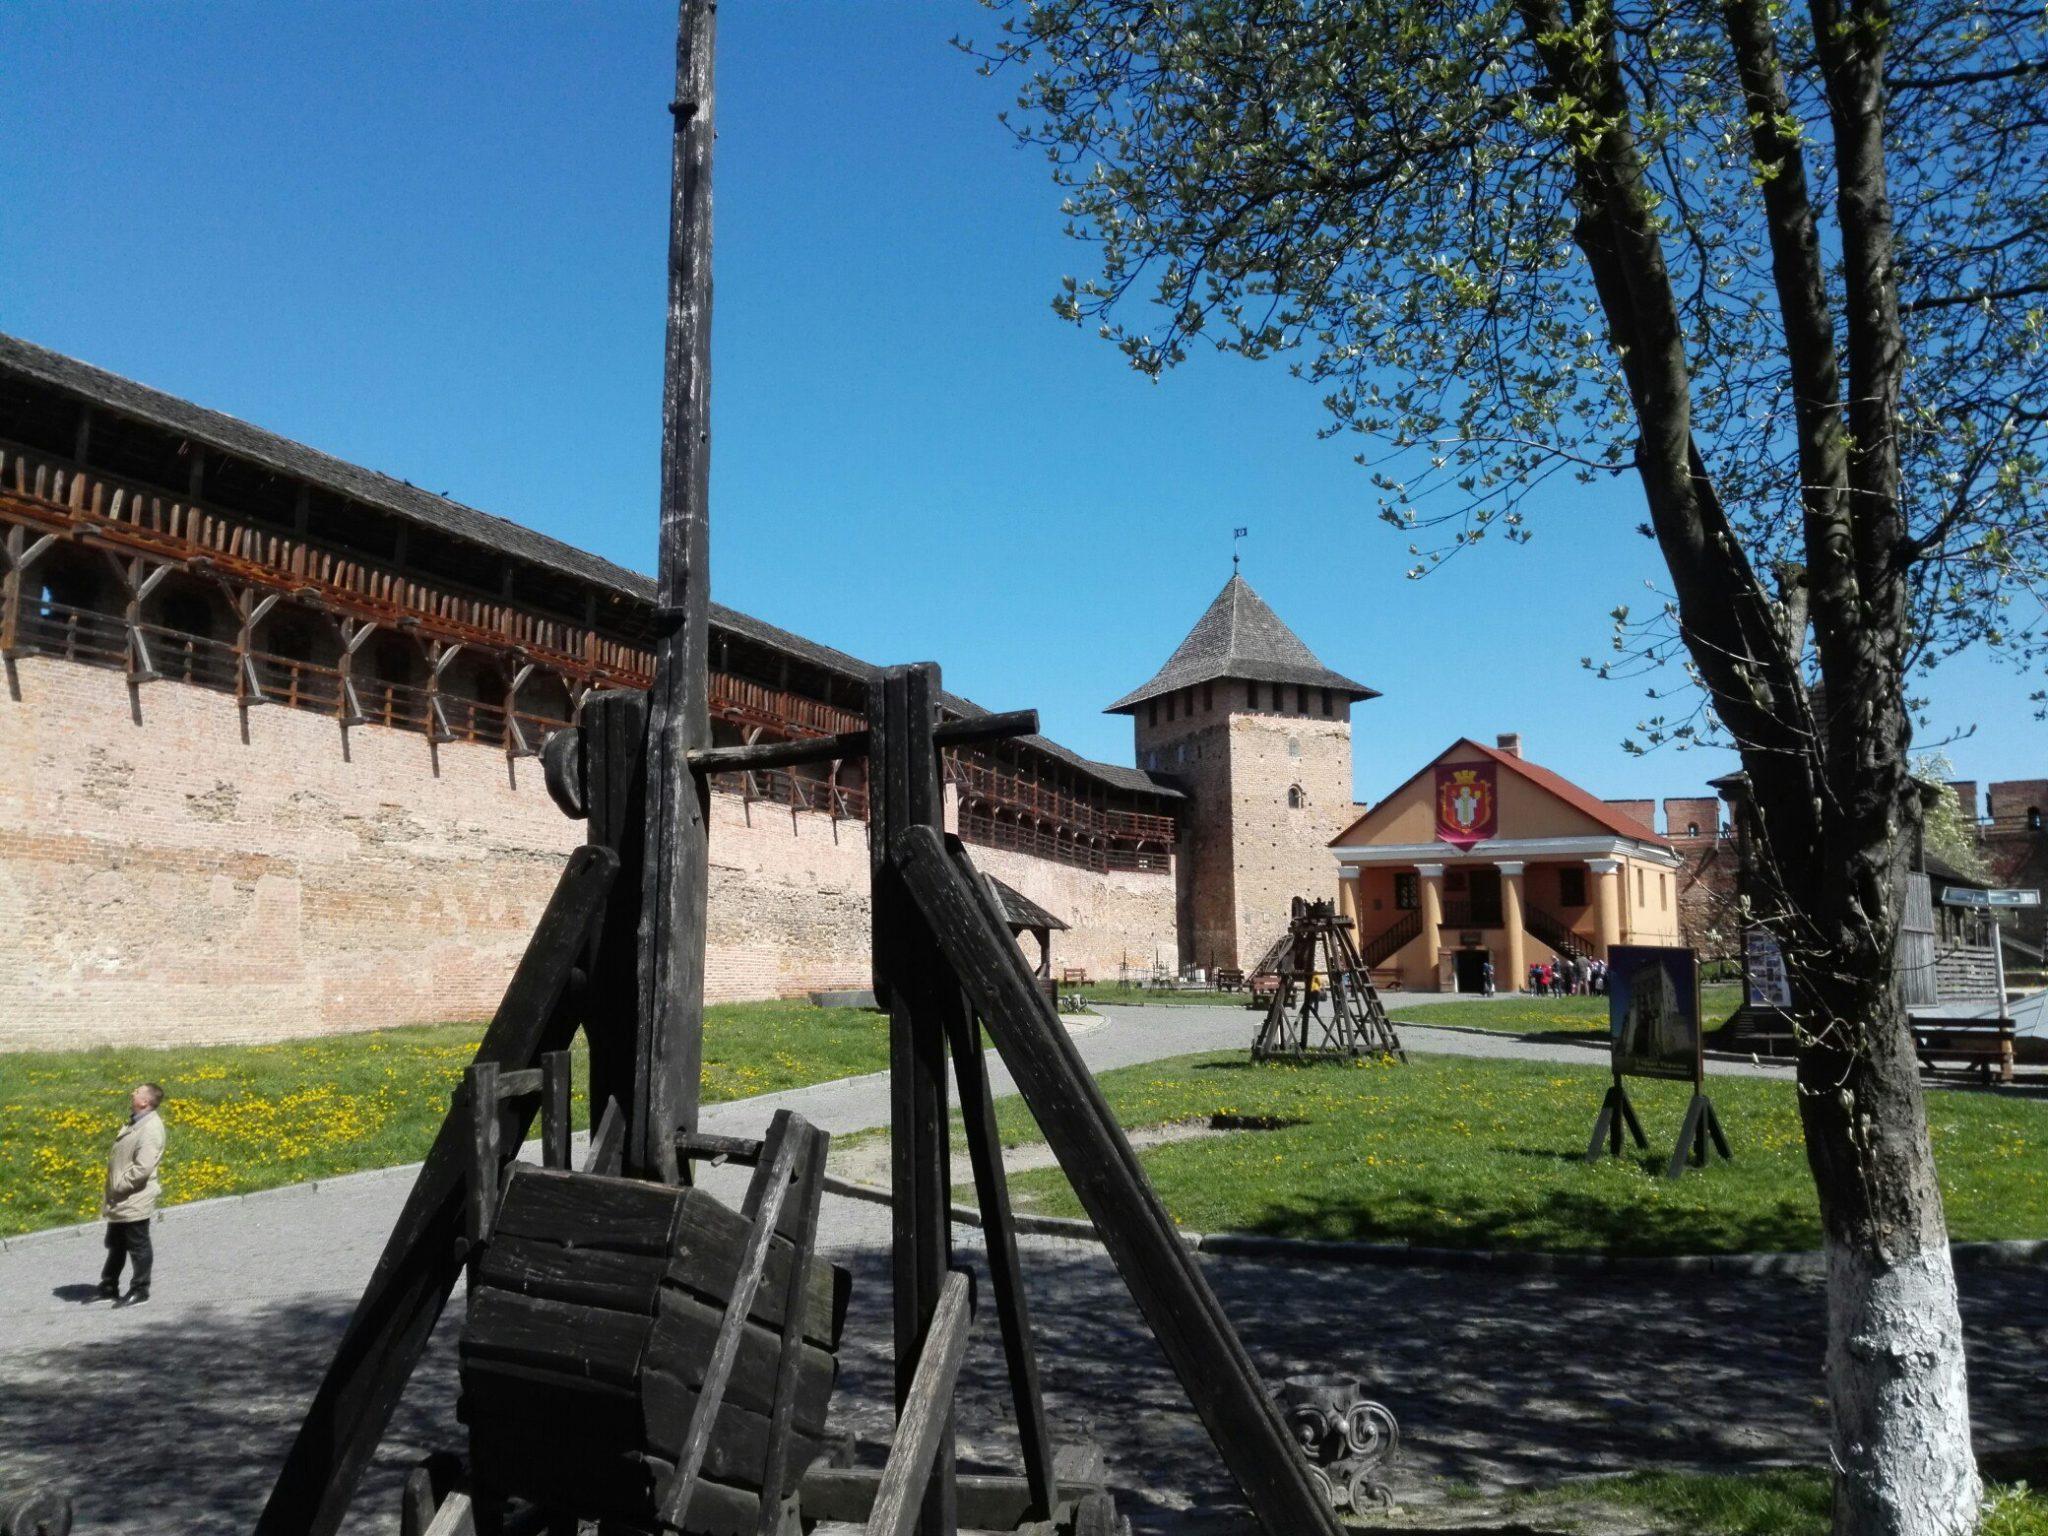 Автопутешествие. День второй. Ровно  -> Луцк.  Луцкий замок.